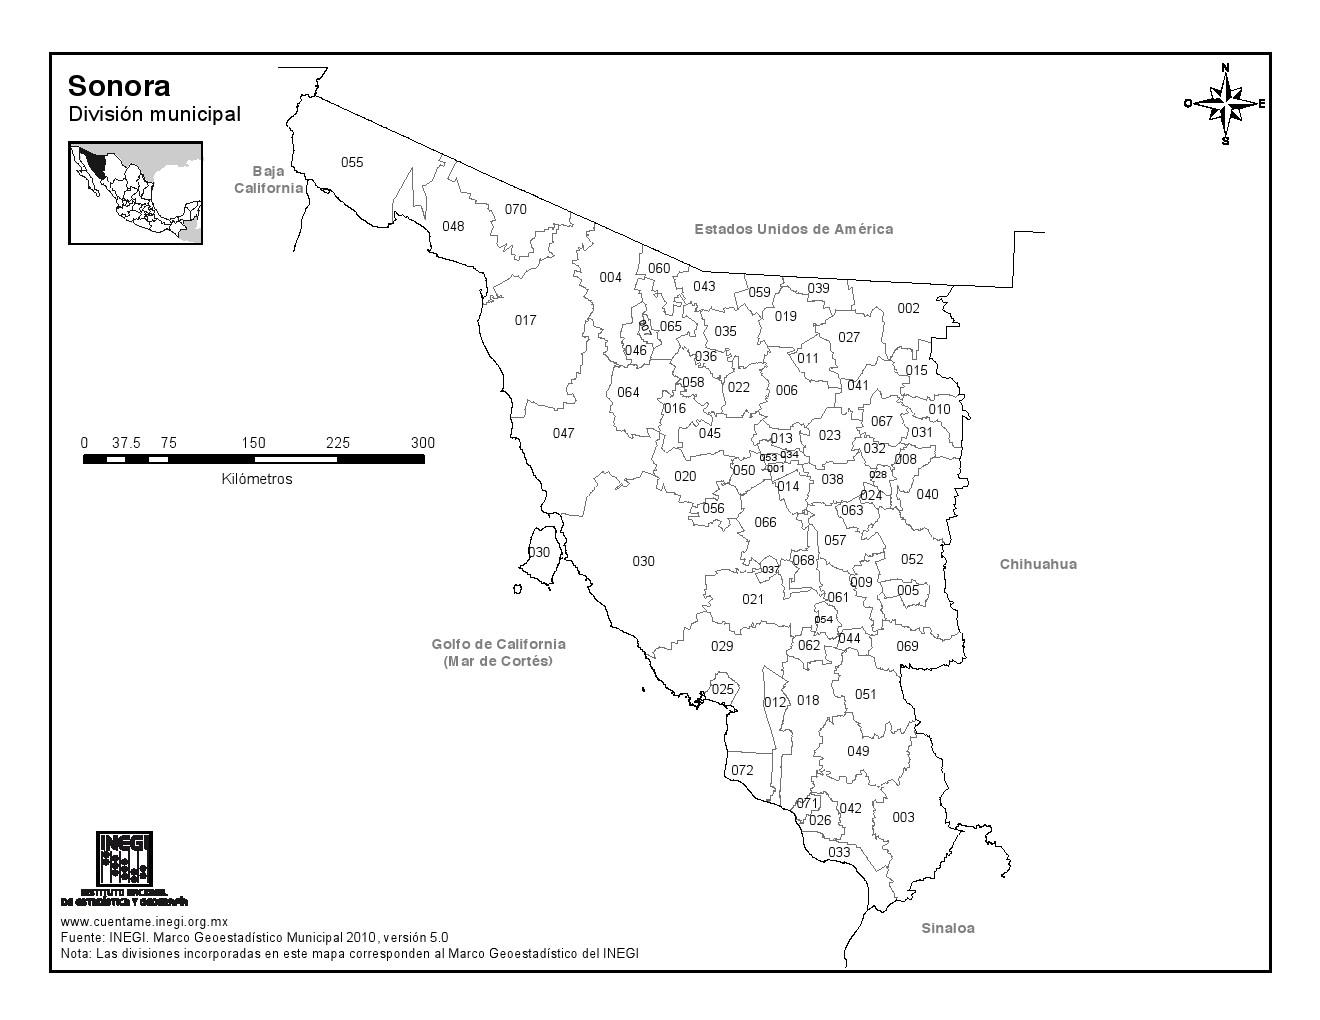 Mapa de municipios de Sonora. INEGI de México